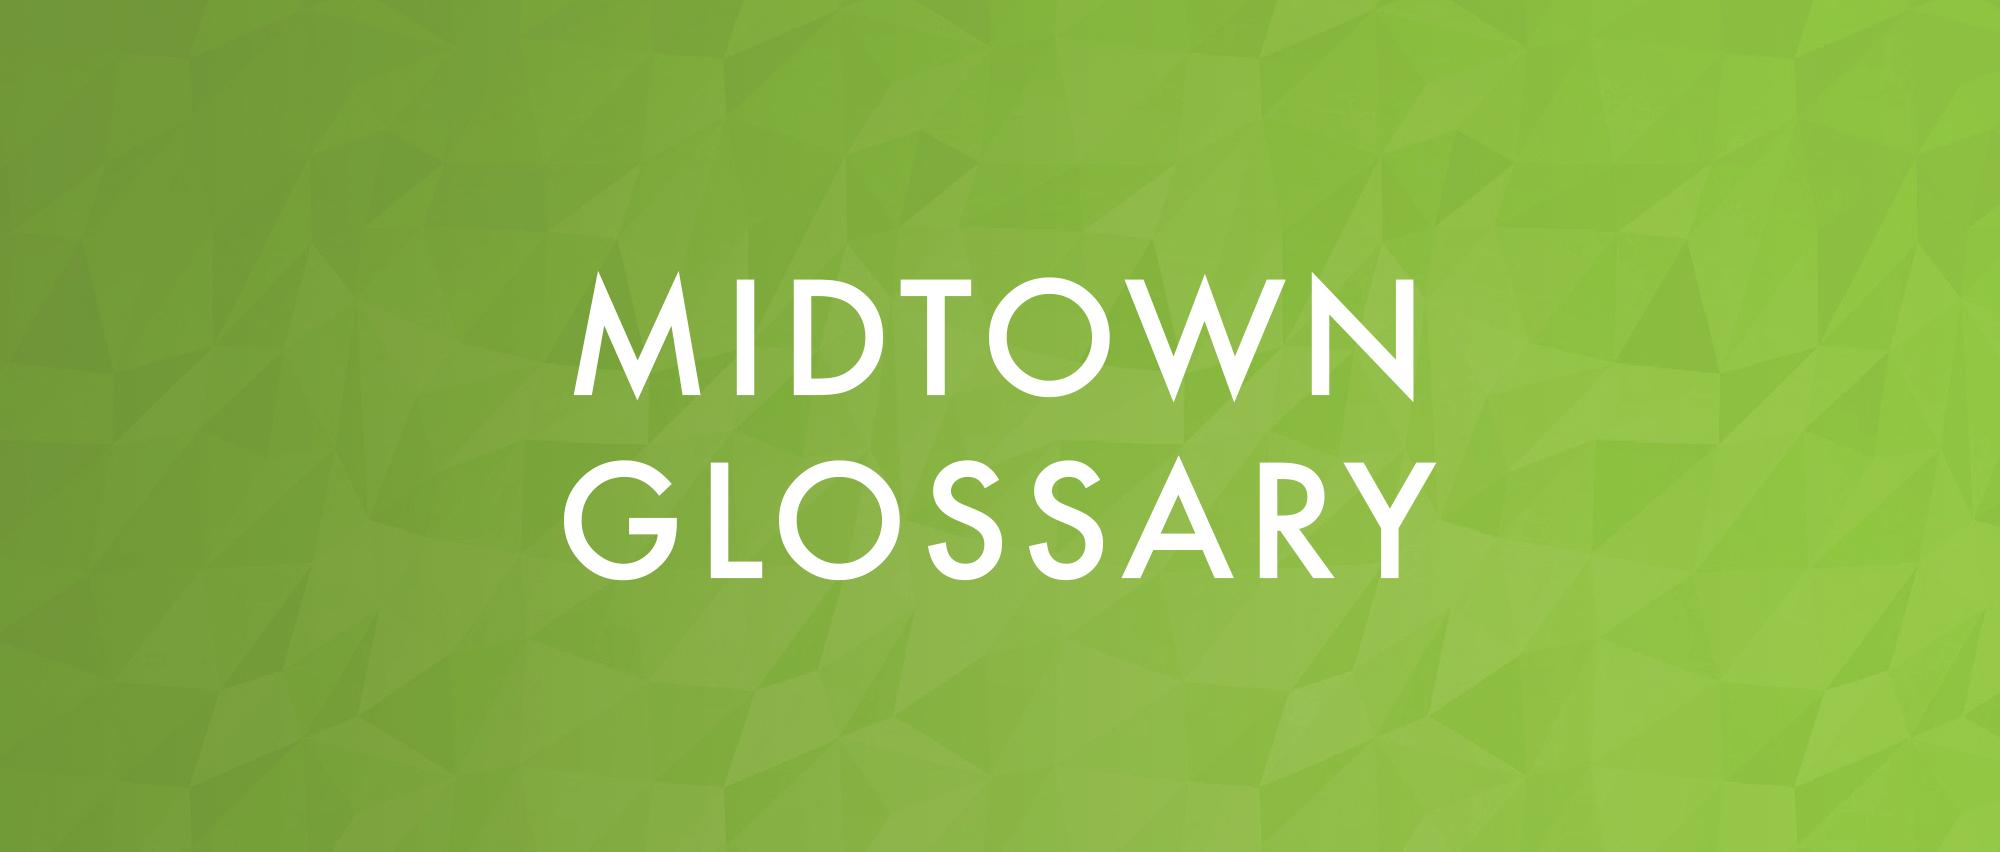 Midtown Glossary.jpg